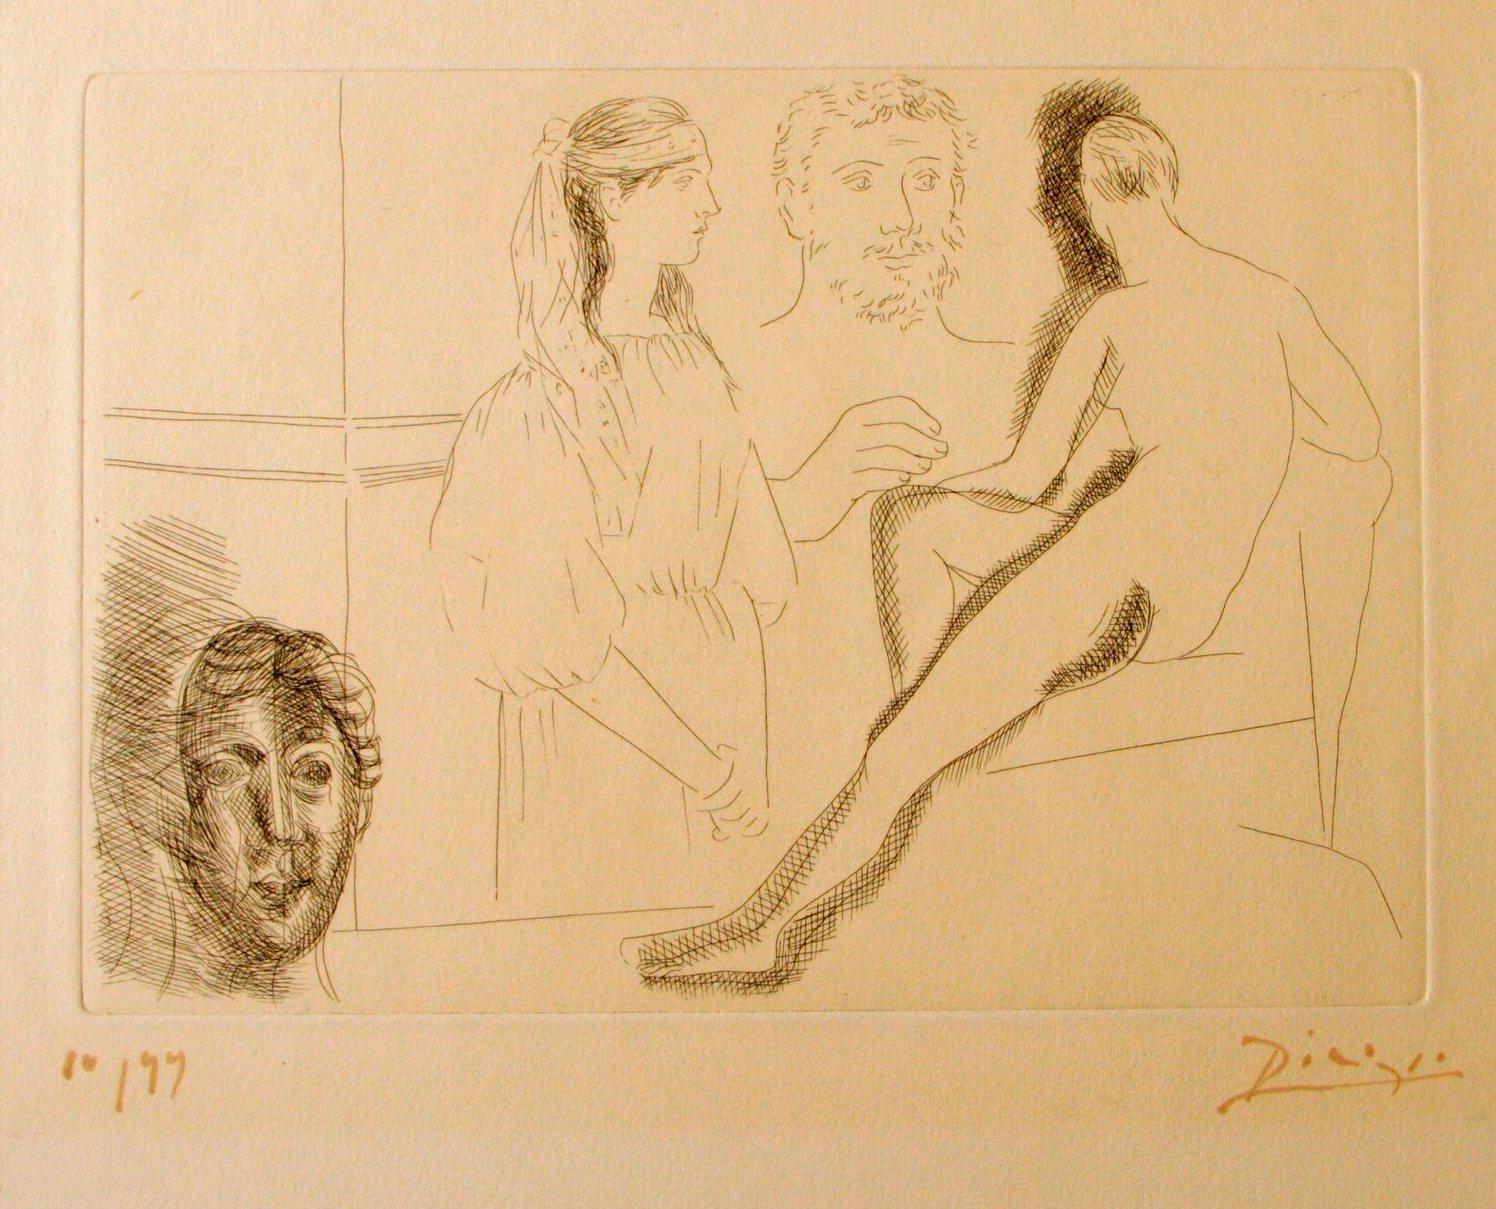 Sculpteur Devant sa Sculpture- Original Etching by P. Picasso - 1927